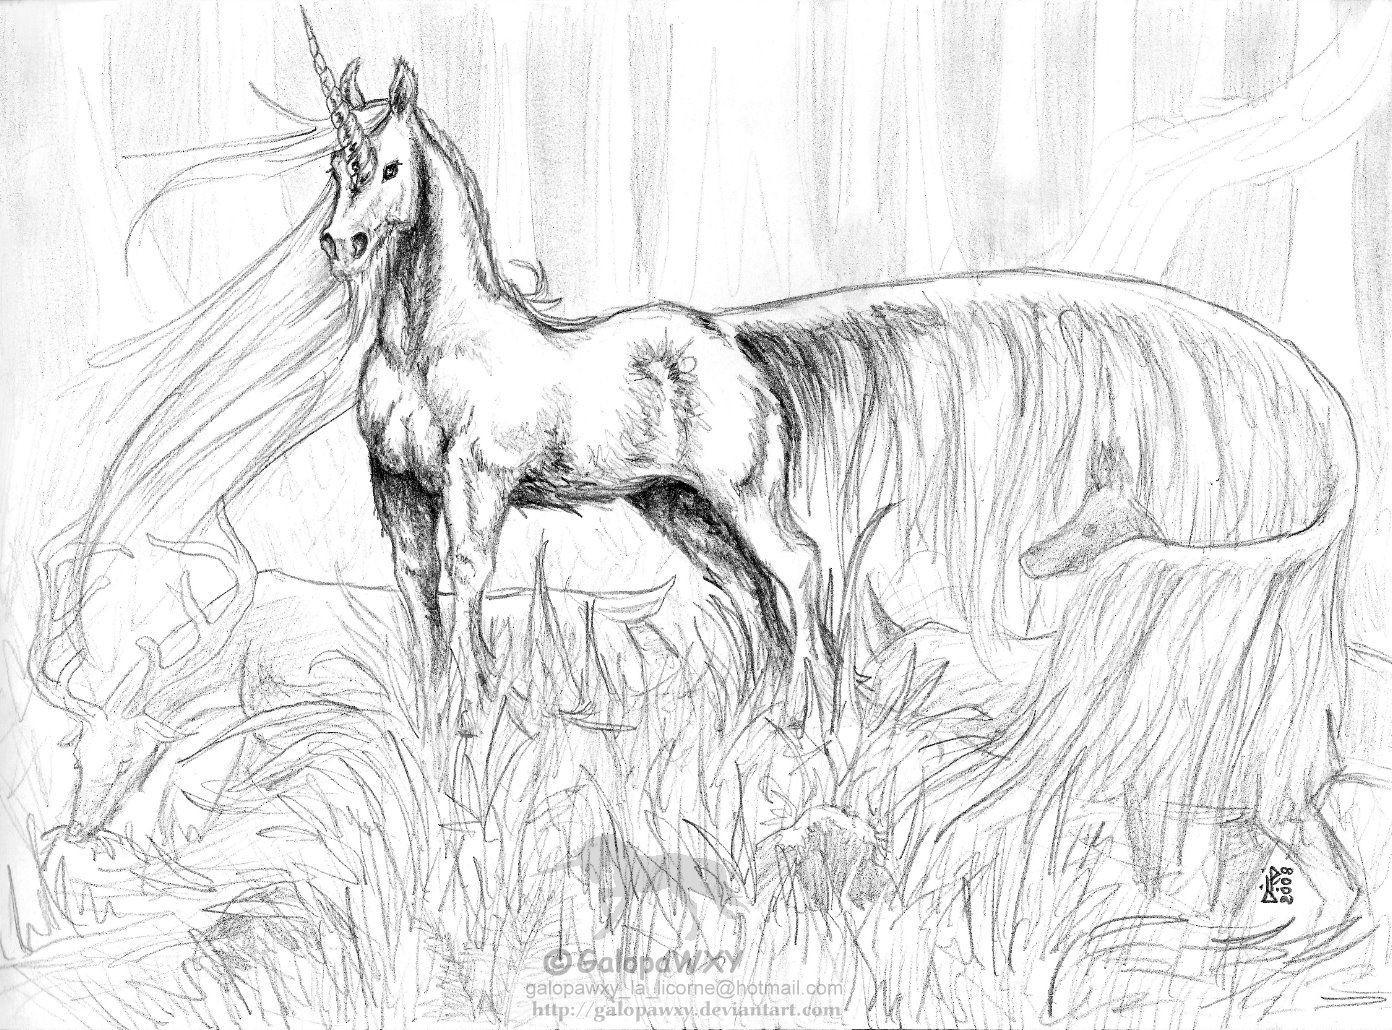 Einhorn Kopf Zum Ausmalen Frisch Einhornkopf Ausmalbilder Best Unicorn Coloring Pages Das Bild